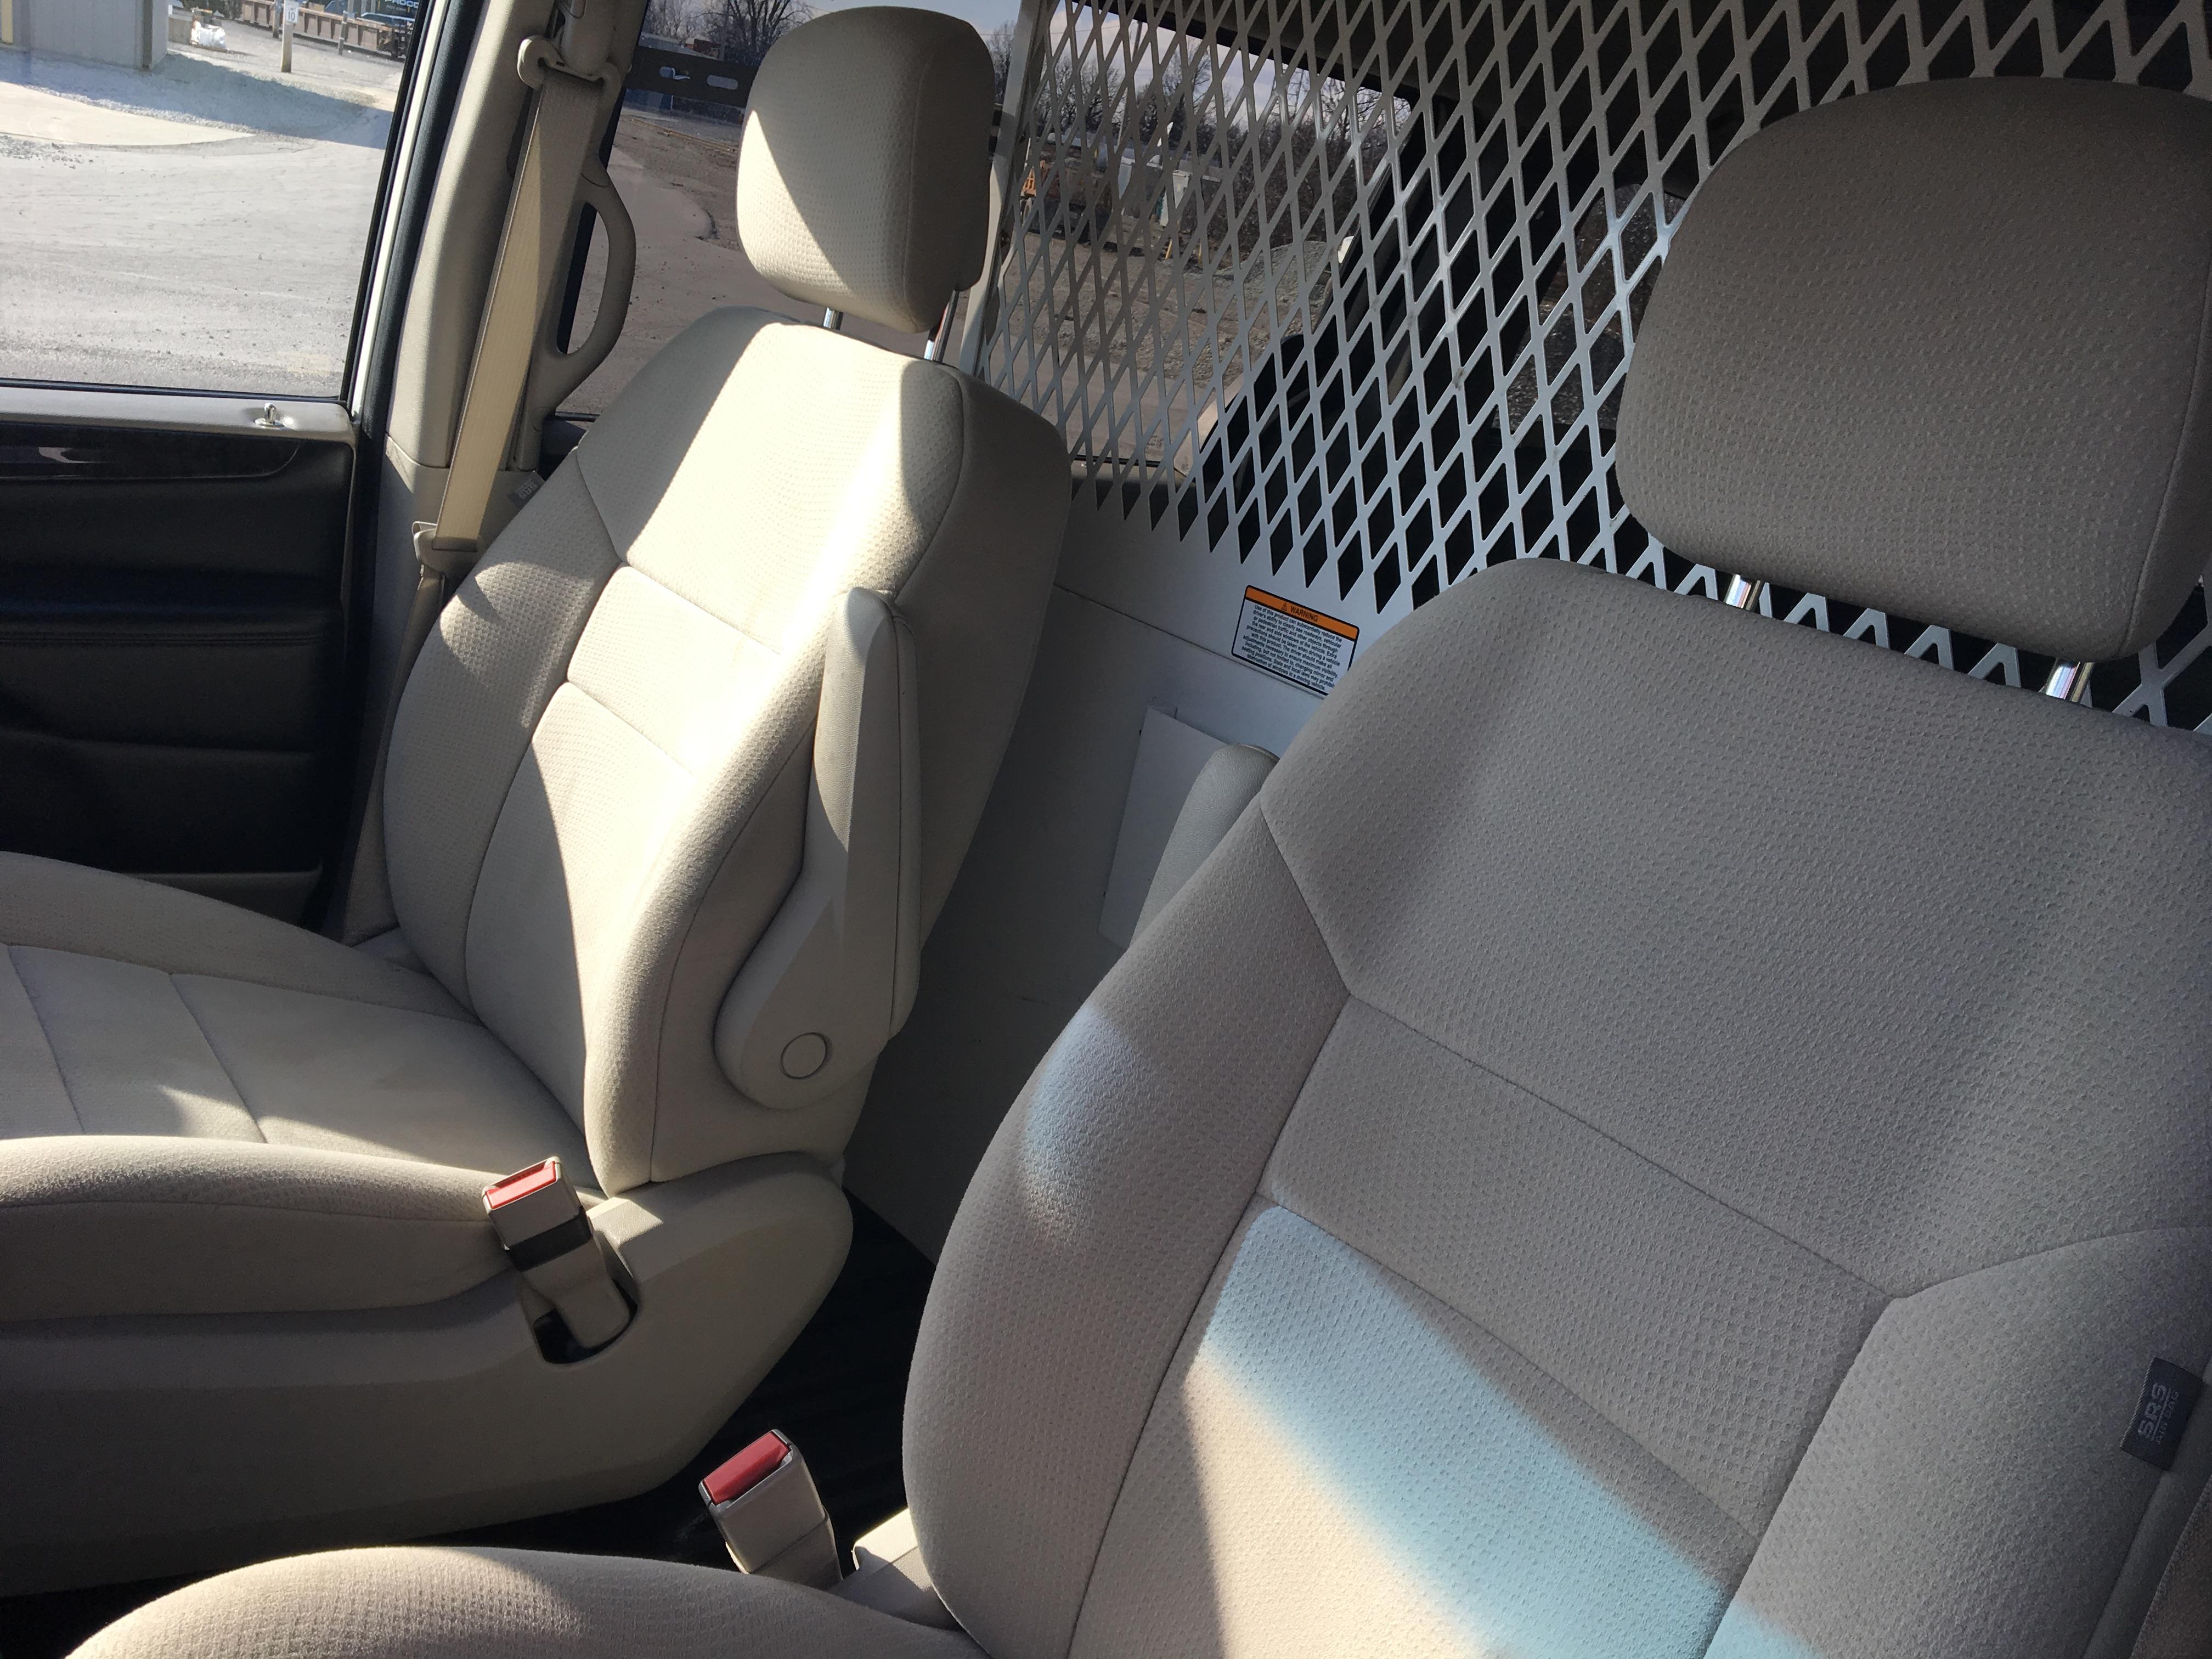 2011 Dodge Grand Caravan Cargo Van